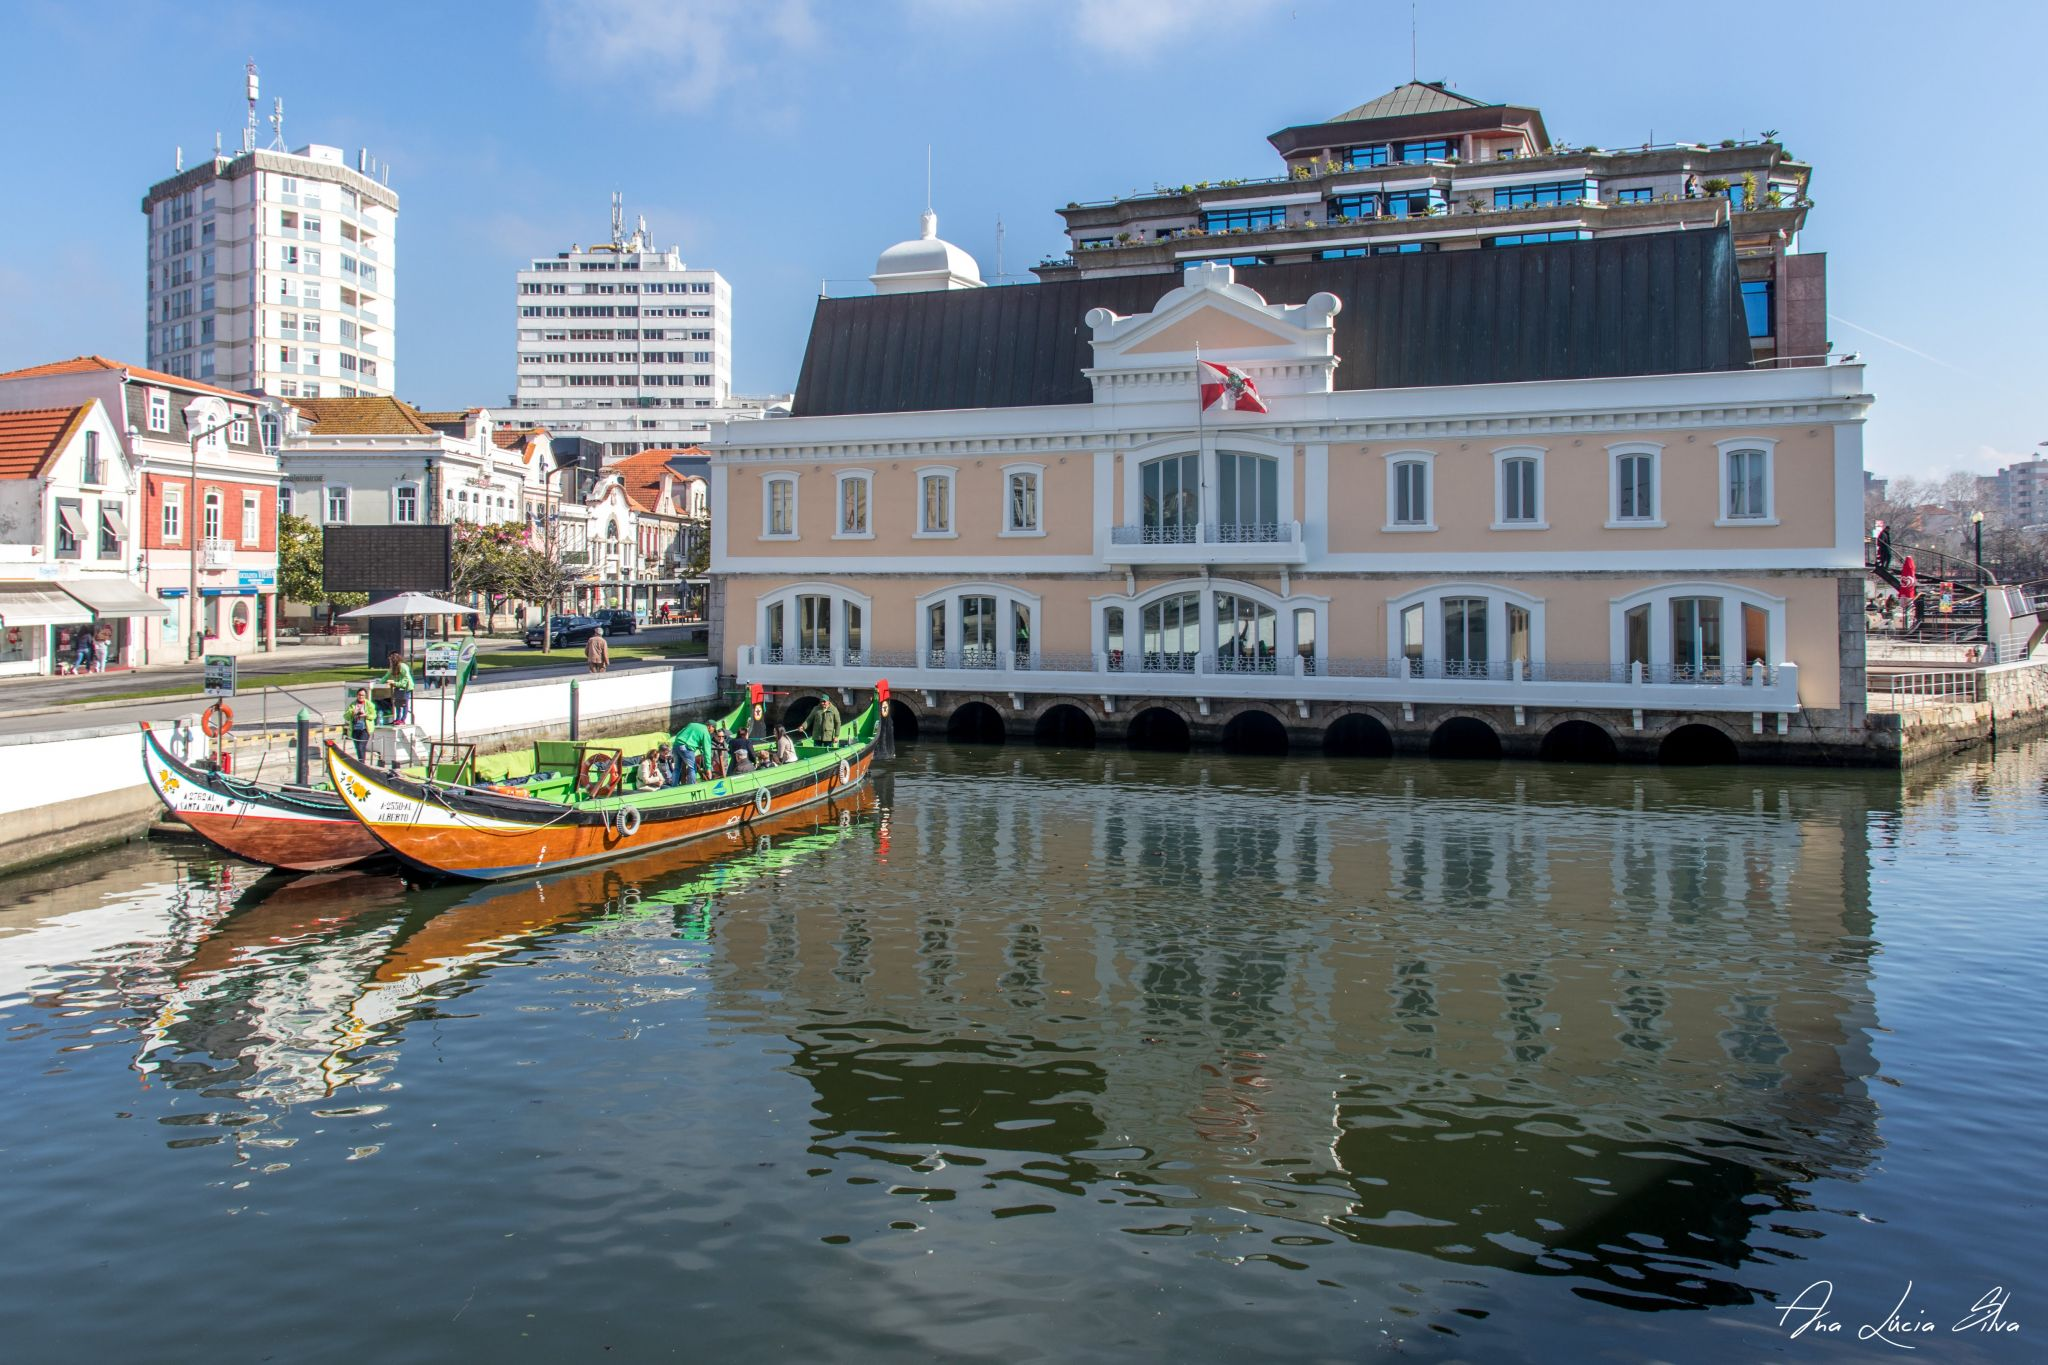 Assembleia Municipal de Aveiro - Edifício da Capitania, Portugal